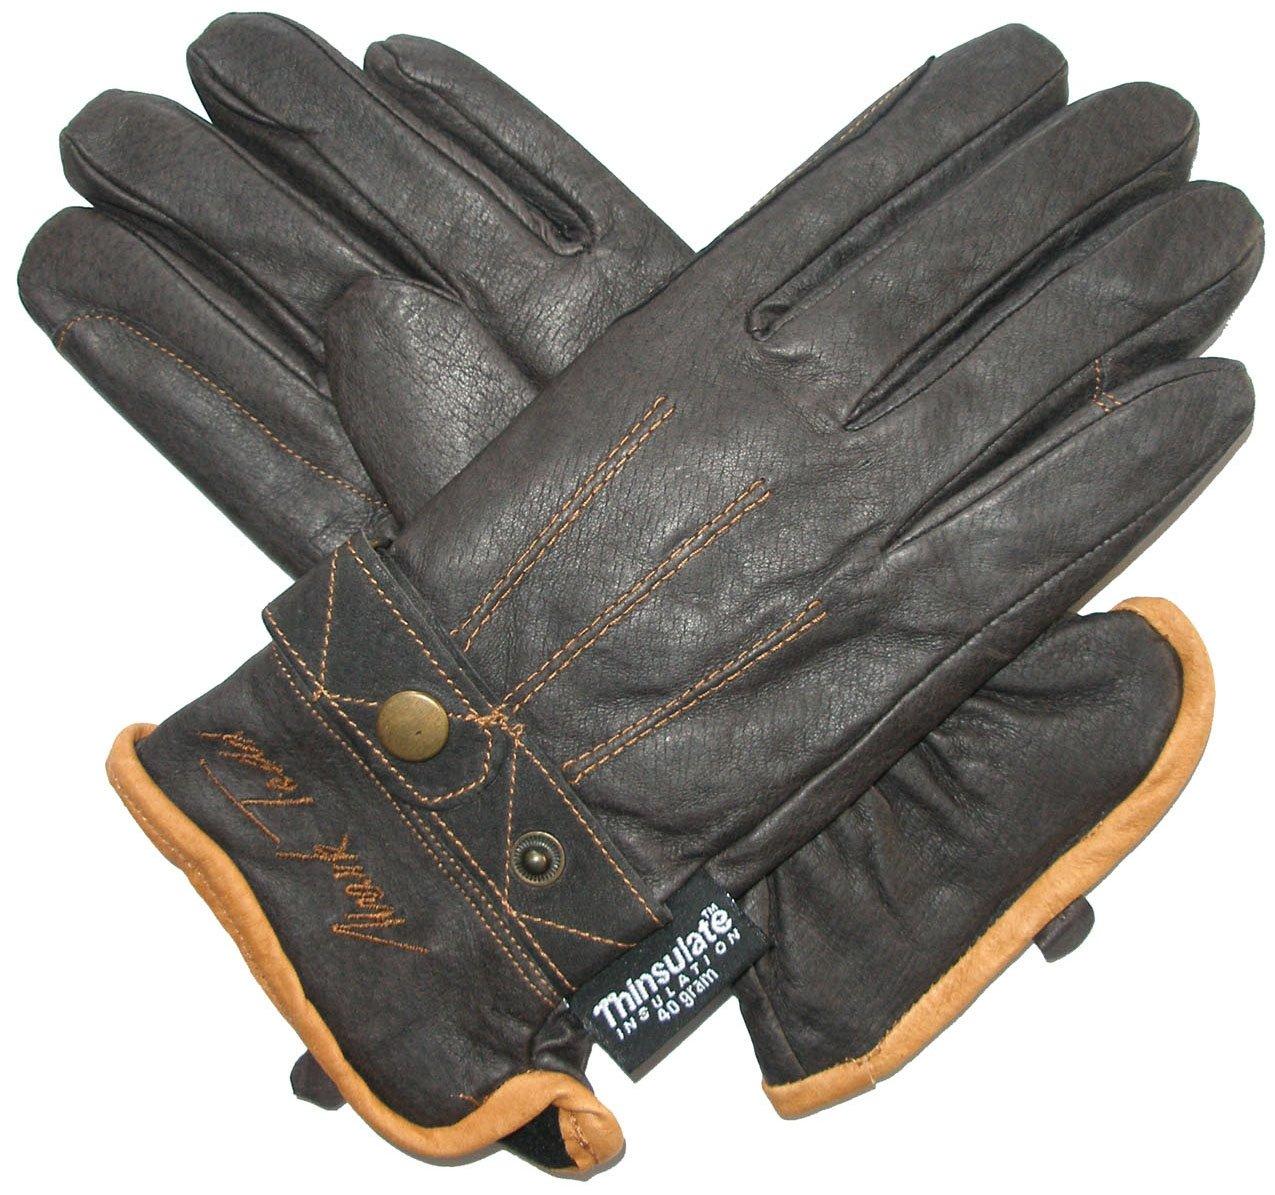 Mens leather gloves amazon uk - Mens Leather Gloves Amazon Uk 11